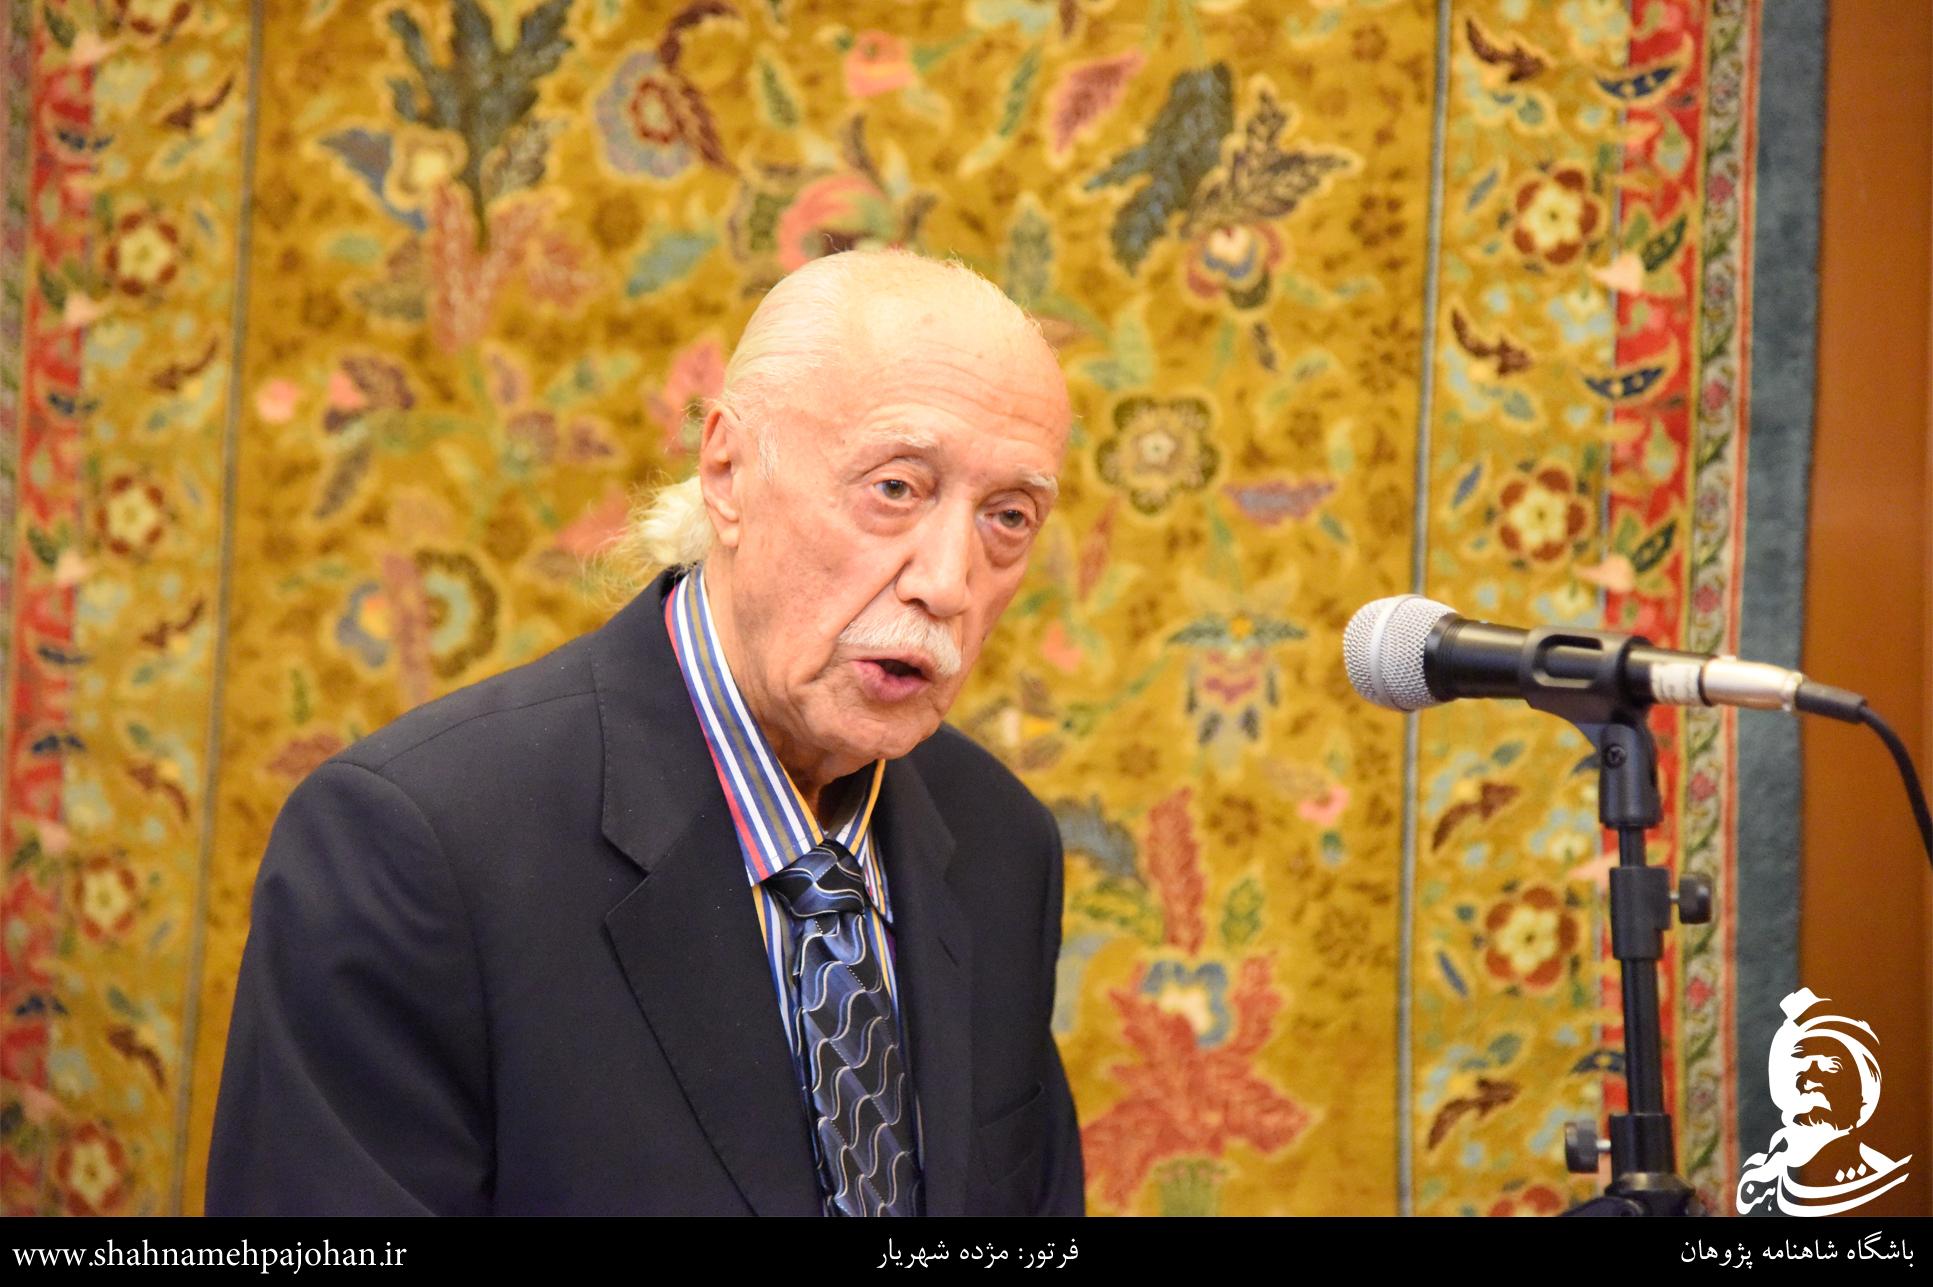 محسن رسام عرب زاده